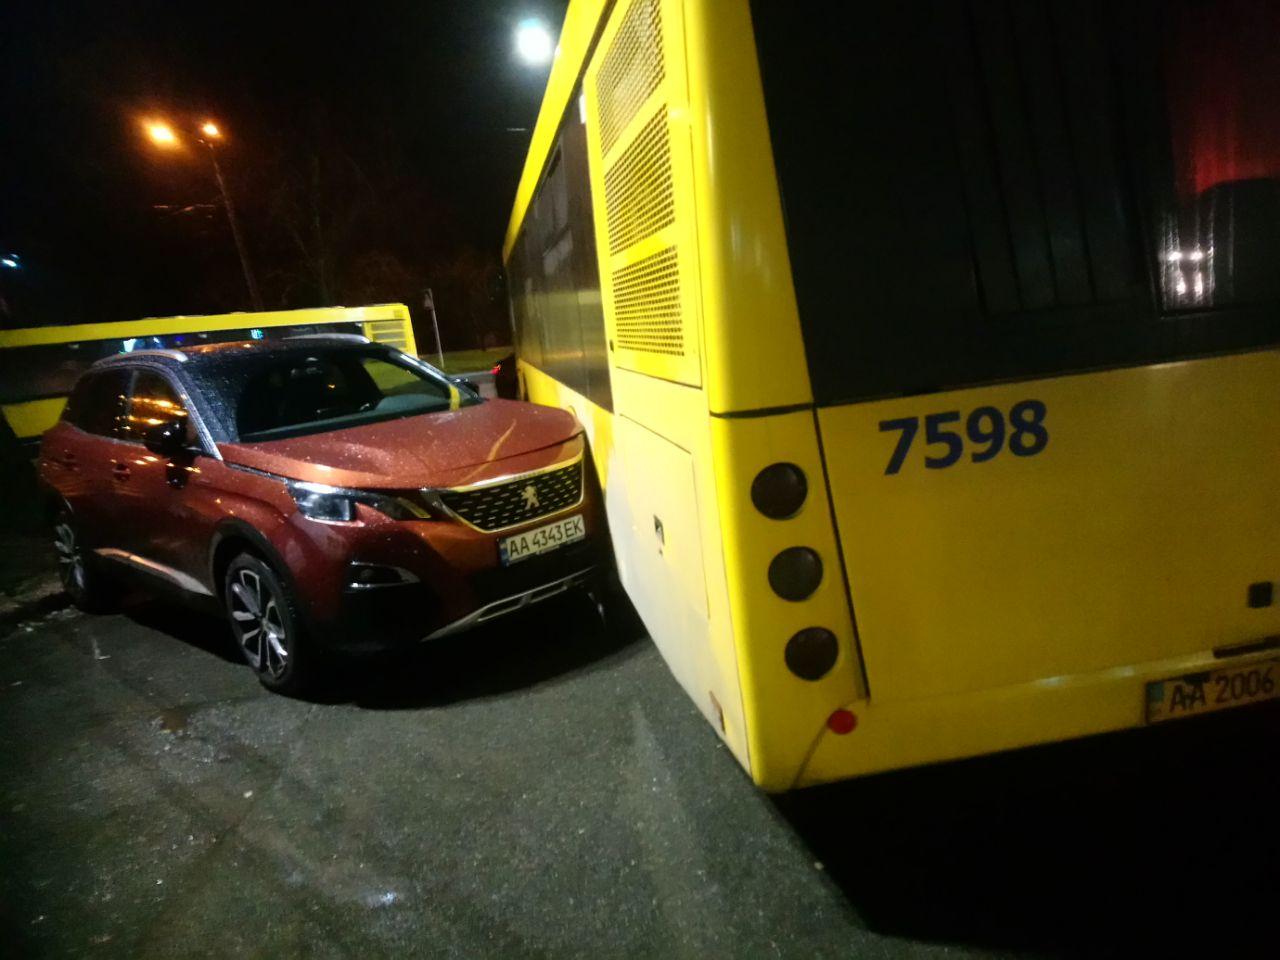 Курйозна ДТП: автобус не зміг об'їхати героя парковки - паркування, ДТП, автобус - IMG 20201120 194536 360